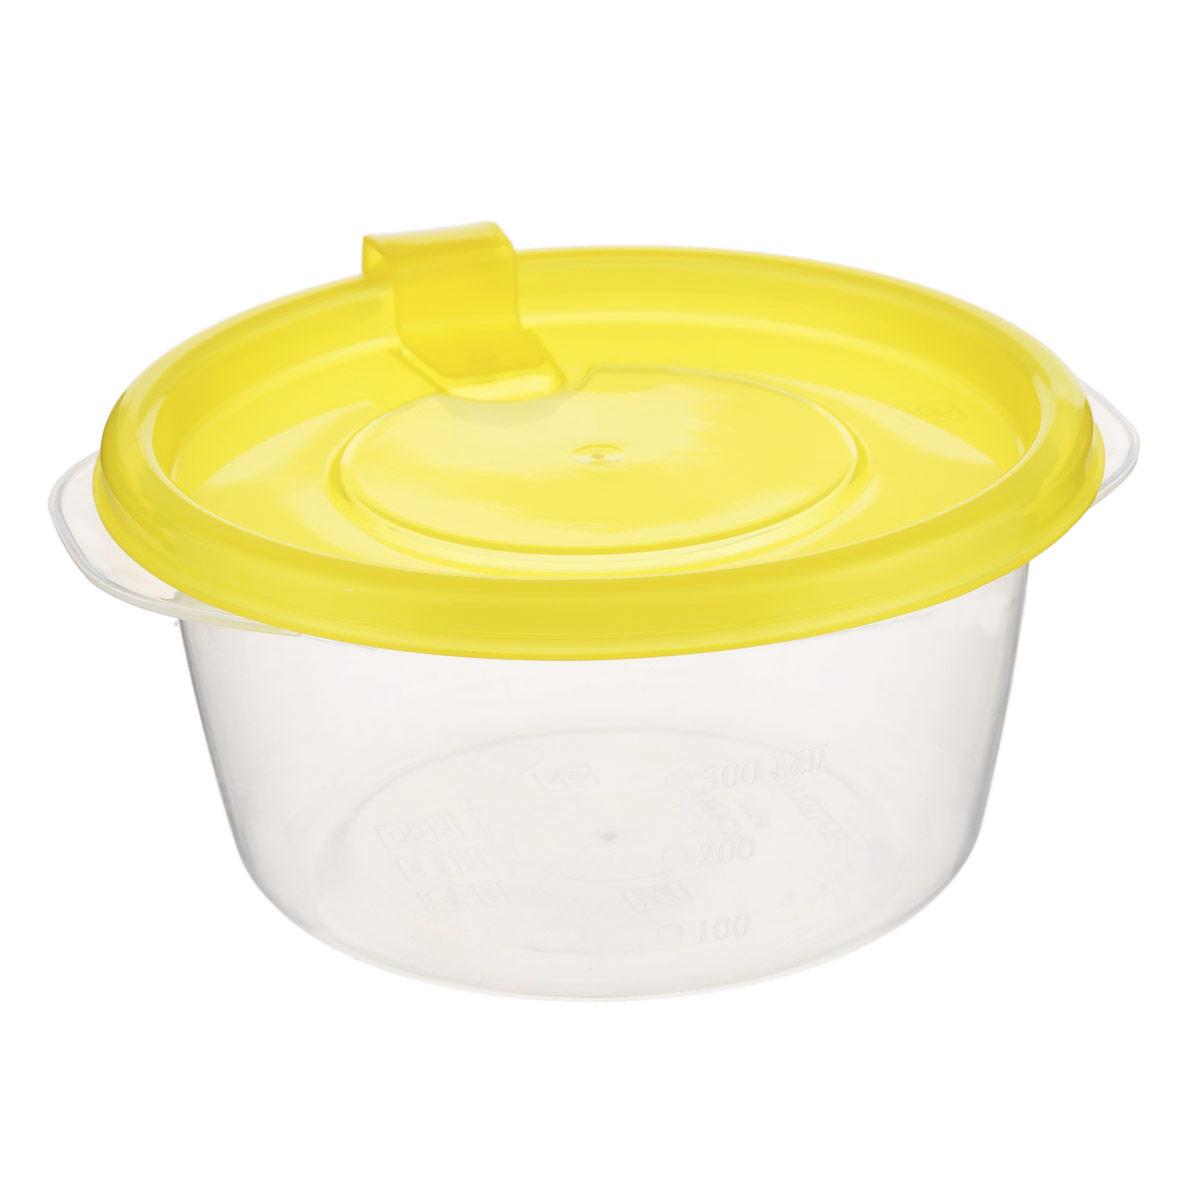 Контейнер Phibo Фрэш, цвет: прозрачный, желтый, 0,44 лС11514Контейнер Phibo Фрэш выполнен из пищевого прозрачного полипропилена, без содержания Бисфенола А. Внешние стенки имеют отметки литража. Крышка оснащена клапаном, благодаря которому контейнер плотно и герметично закрывается. Такой контейнер очень функционален. Его можно использовать дома для хранения пищи в холодильнике, а также для хранения разнообразных сыпучих продуктов, таких как кофе, крупы, соль, сахар. Контейнер также удобно брать с собой на работу, учебу или в поездку. Можно использовать в микроволновой печи только для разогрева пищи и с открытым клапаном при температуре до +100°С. Подходит для заморозки пищи (минимальная температура -24°С). Можно мыть в посудомоечной машине. Диаметр контейнера (по верхнему краю): 12 см. Высота стенки: 6,5 см.